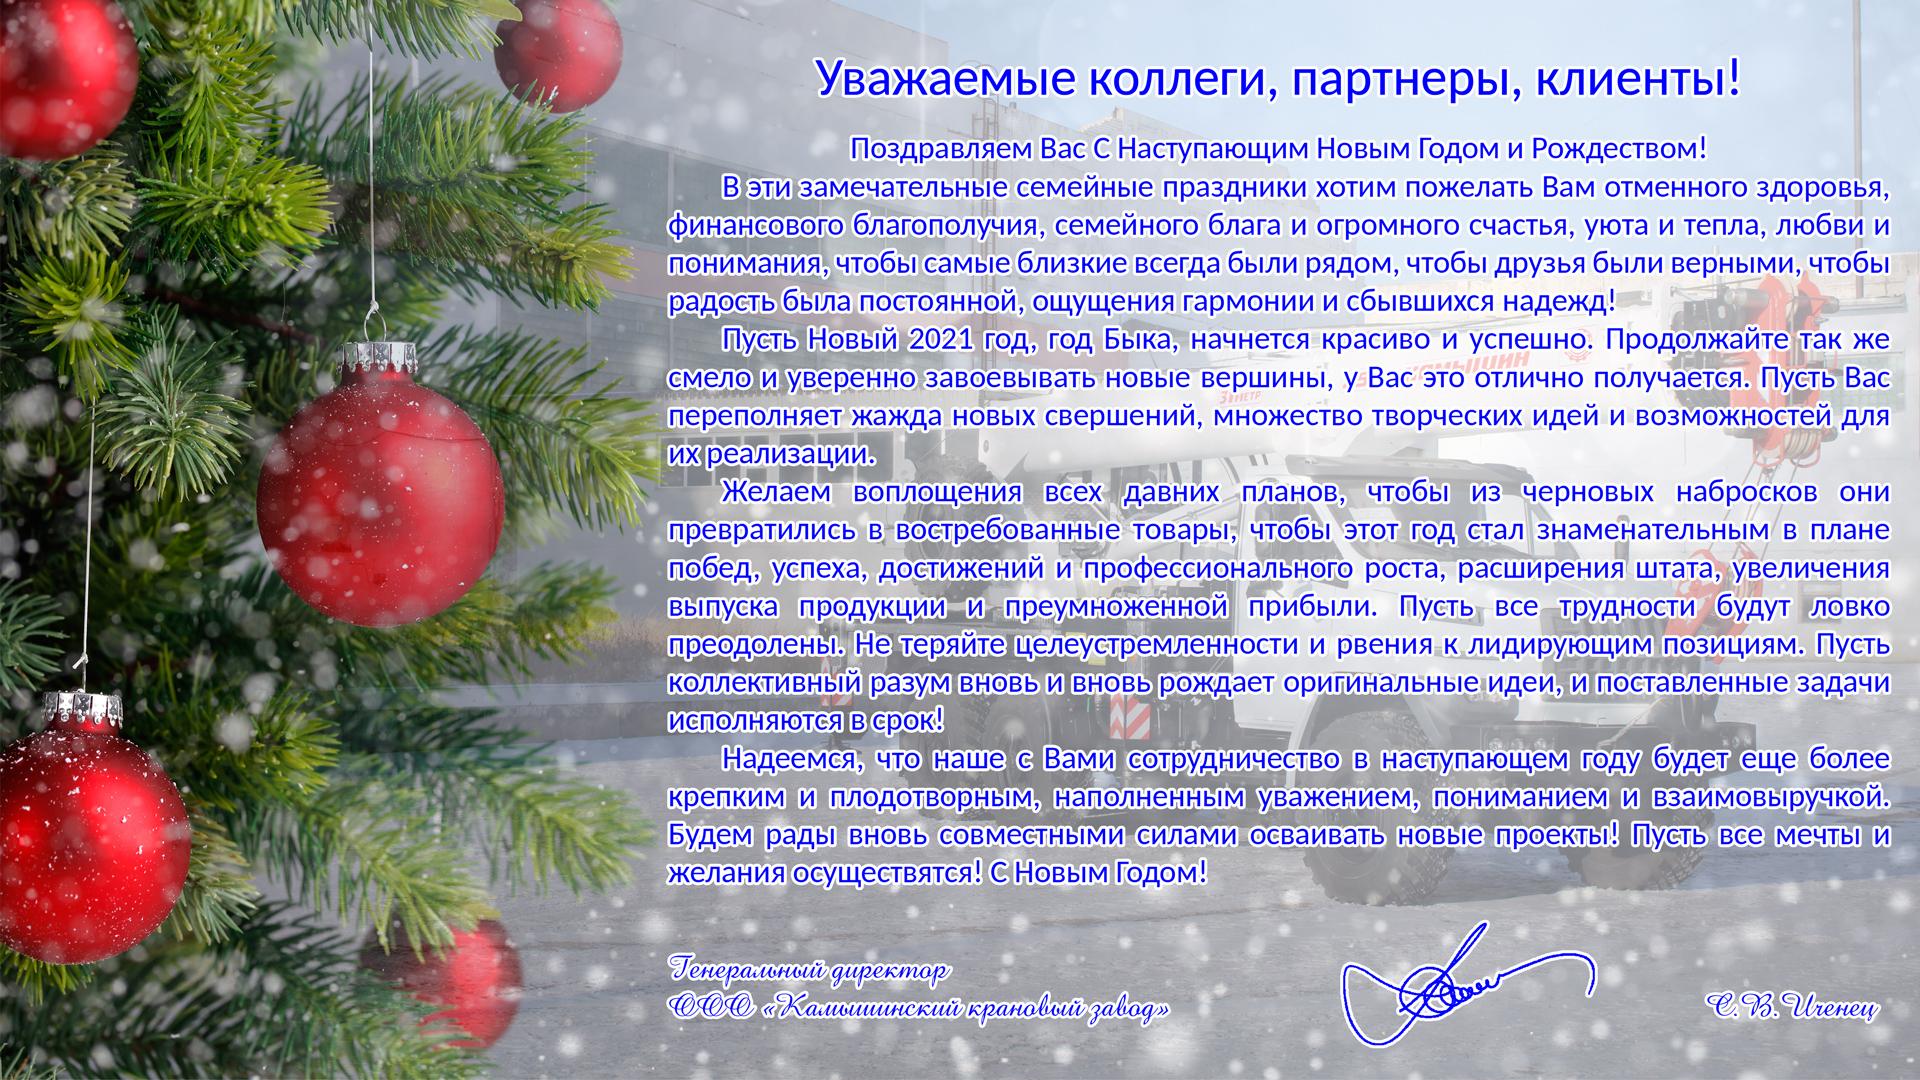 С Наступающим Новым Годом и Рождественскими праздниками!